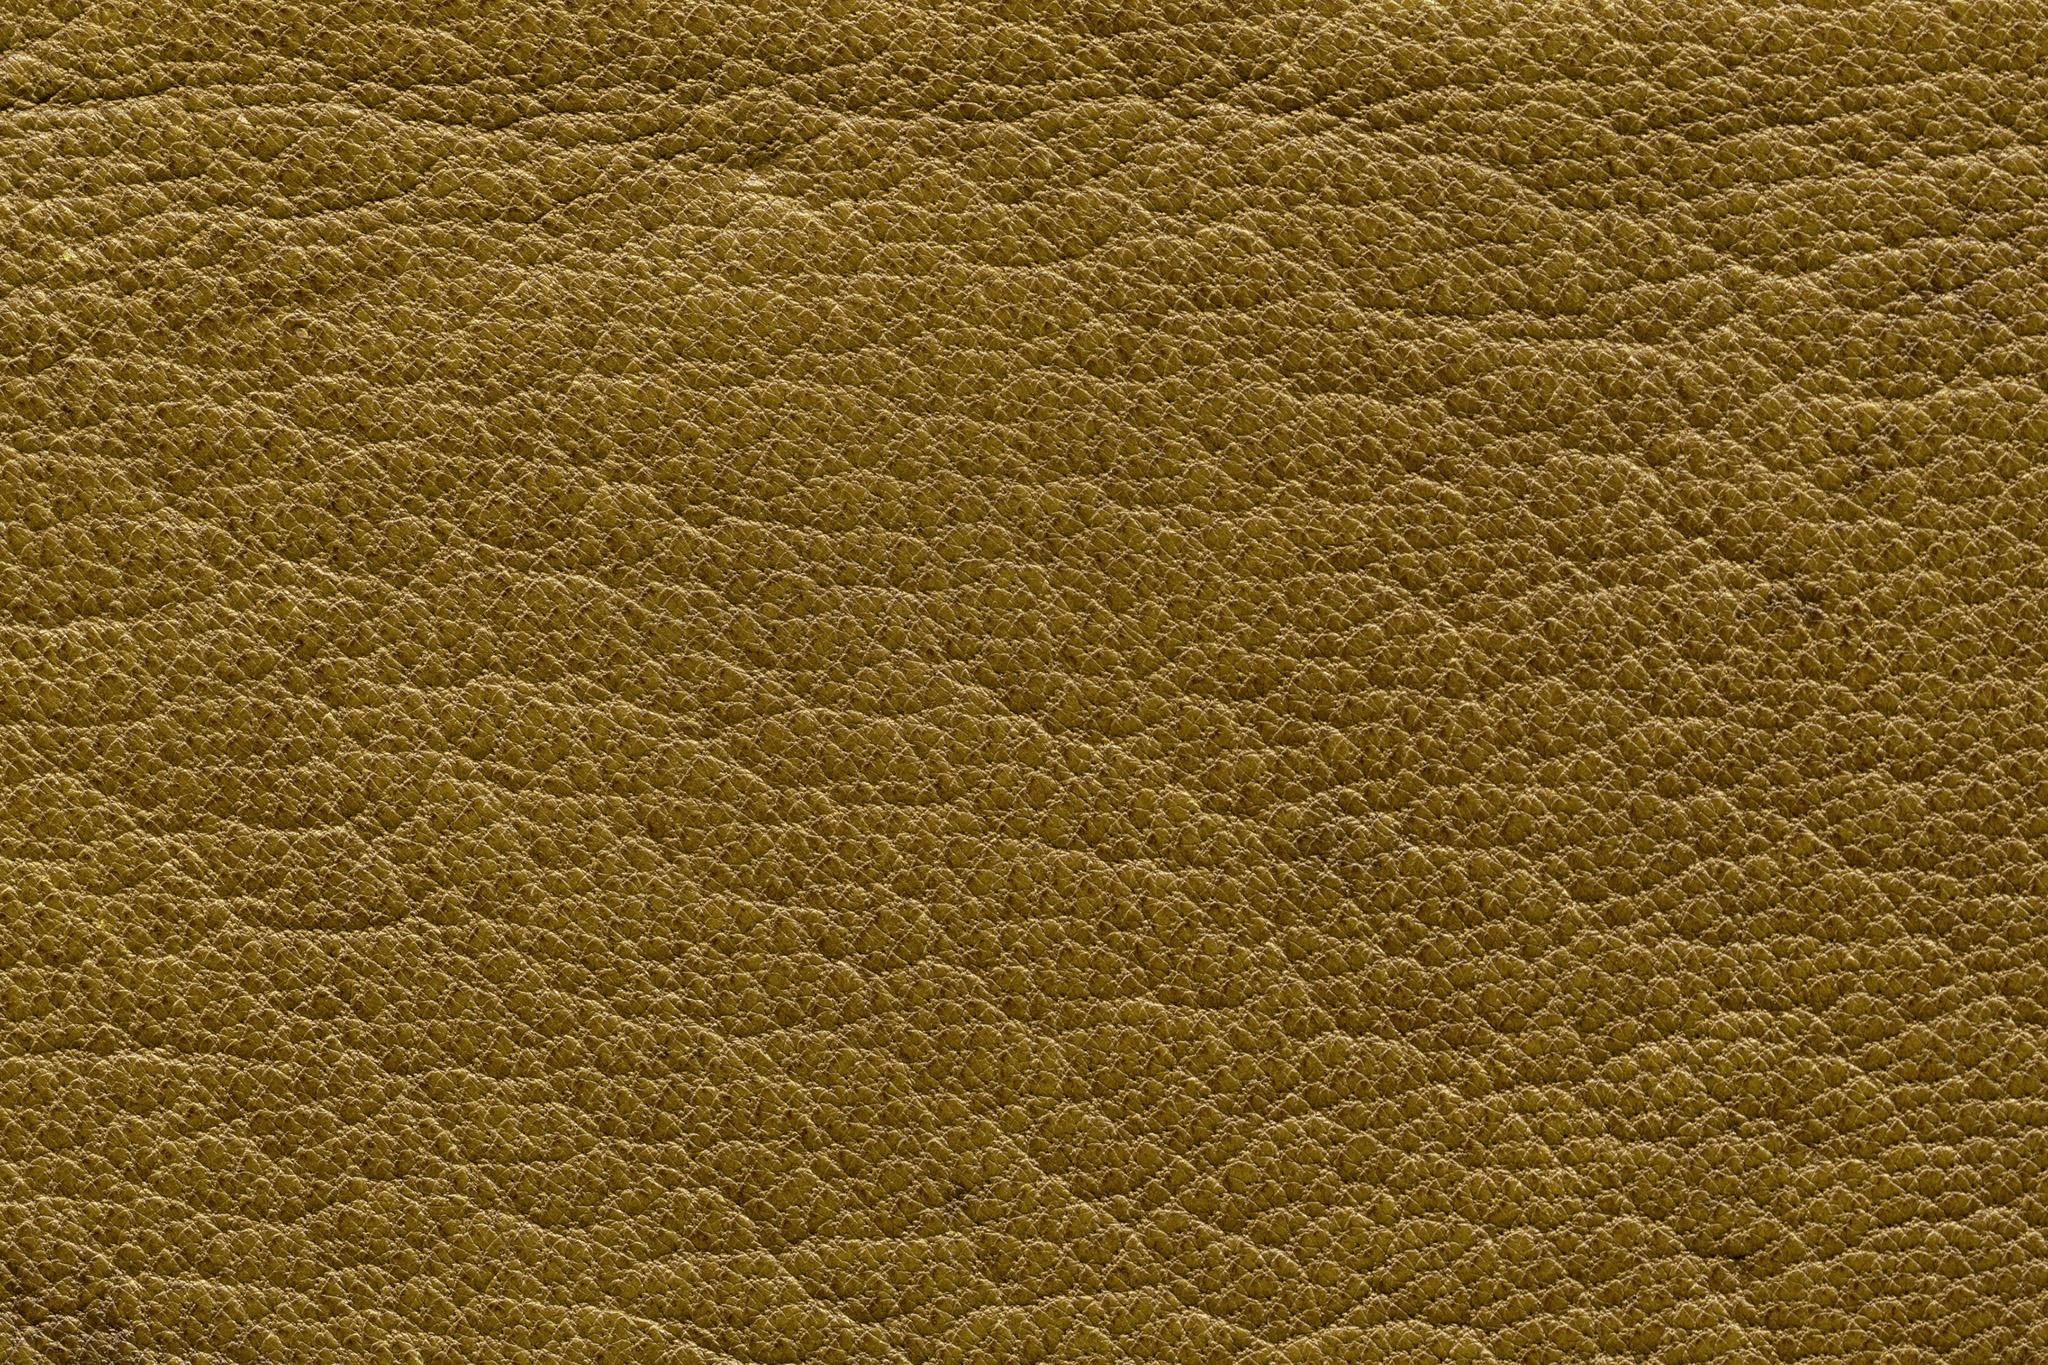 「黄土色のレザーの表面」の素材を無料ダウンロード